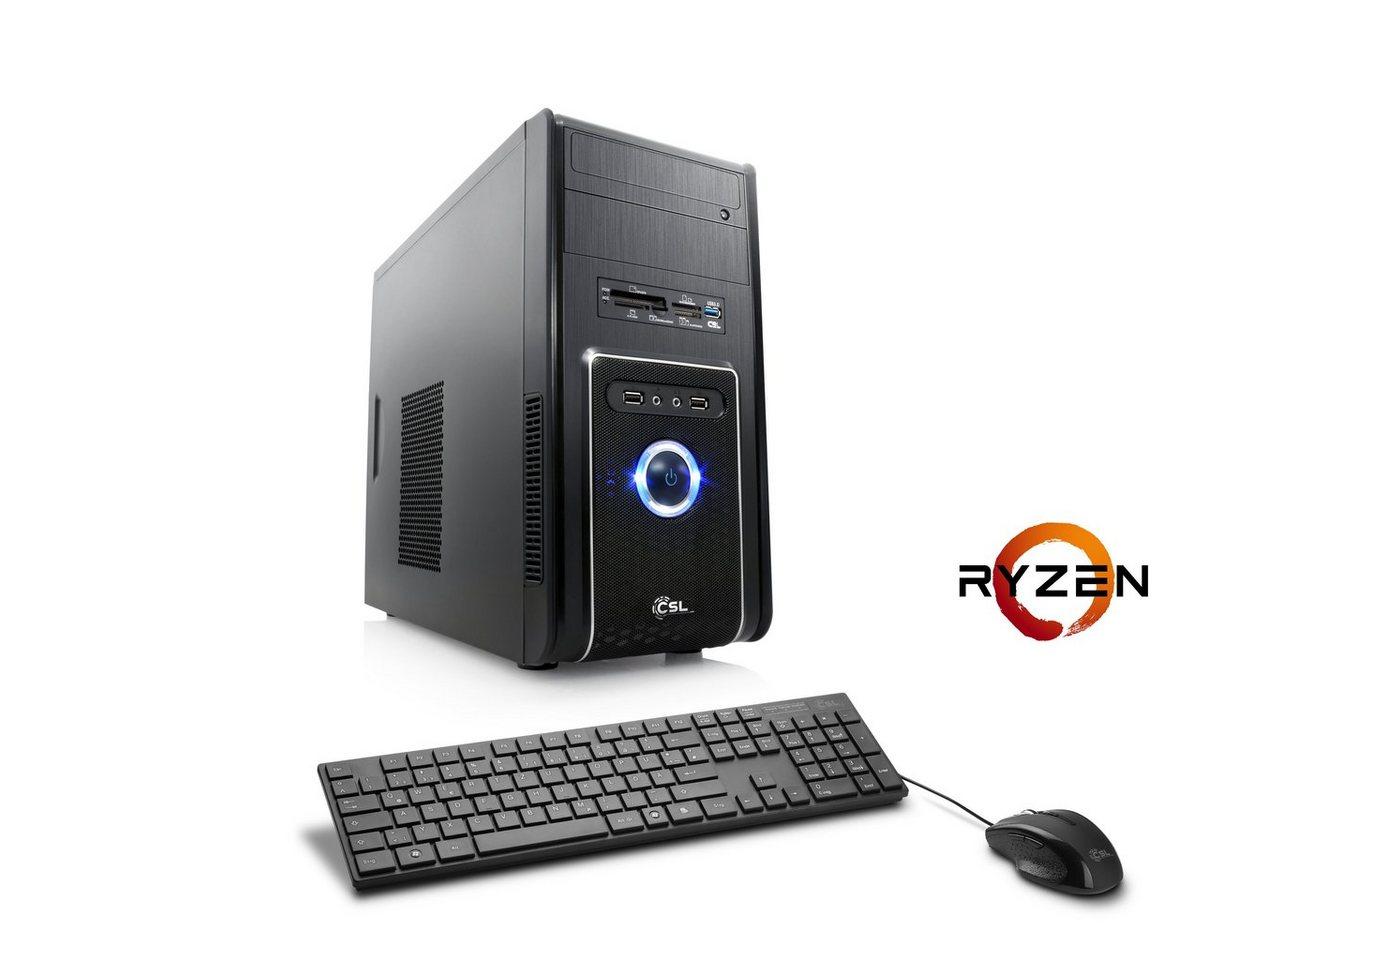 CSL Multimedia PC | Ryzen 5 1400 | GeForce GT710 | 8 GB DDR4 | SSD »Sprint T8871 Windows 10 Home« - Preisvergleich